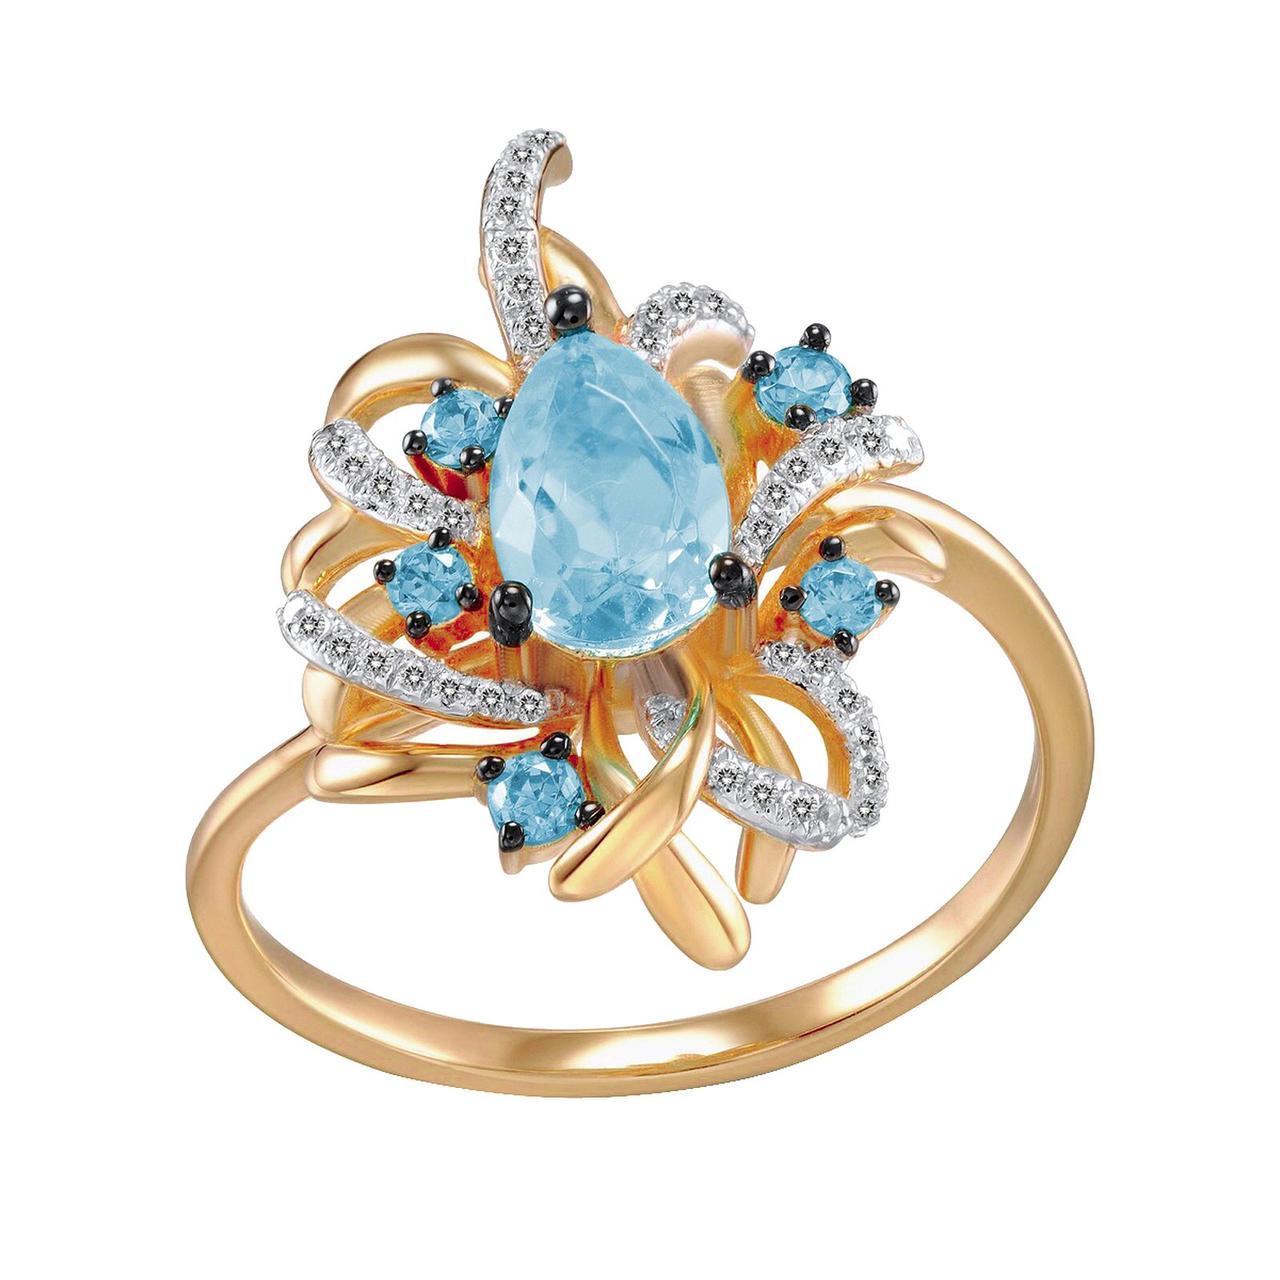 Золотое кольцо с бриллиантами и топазами, размер 17 (1696111)